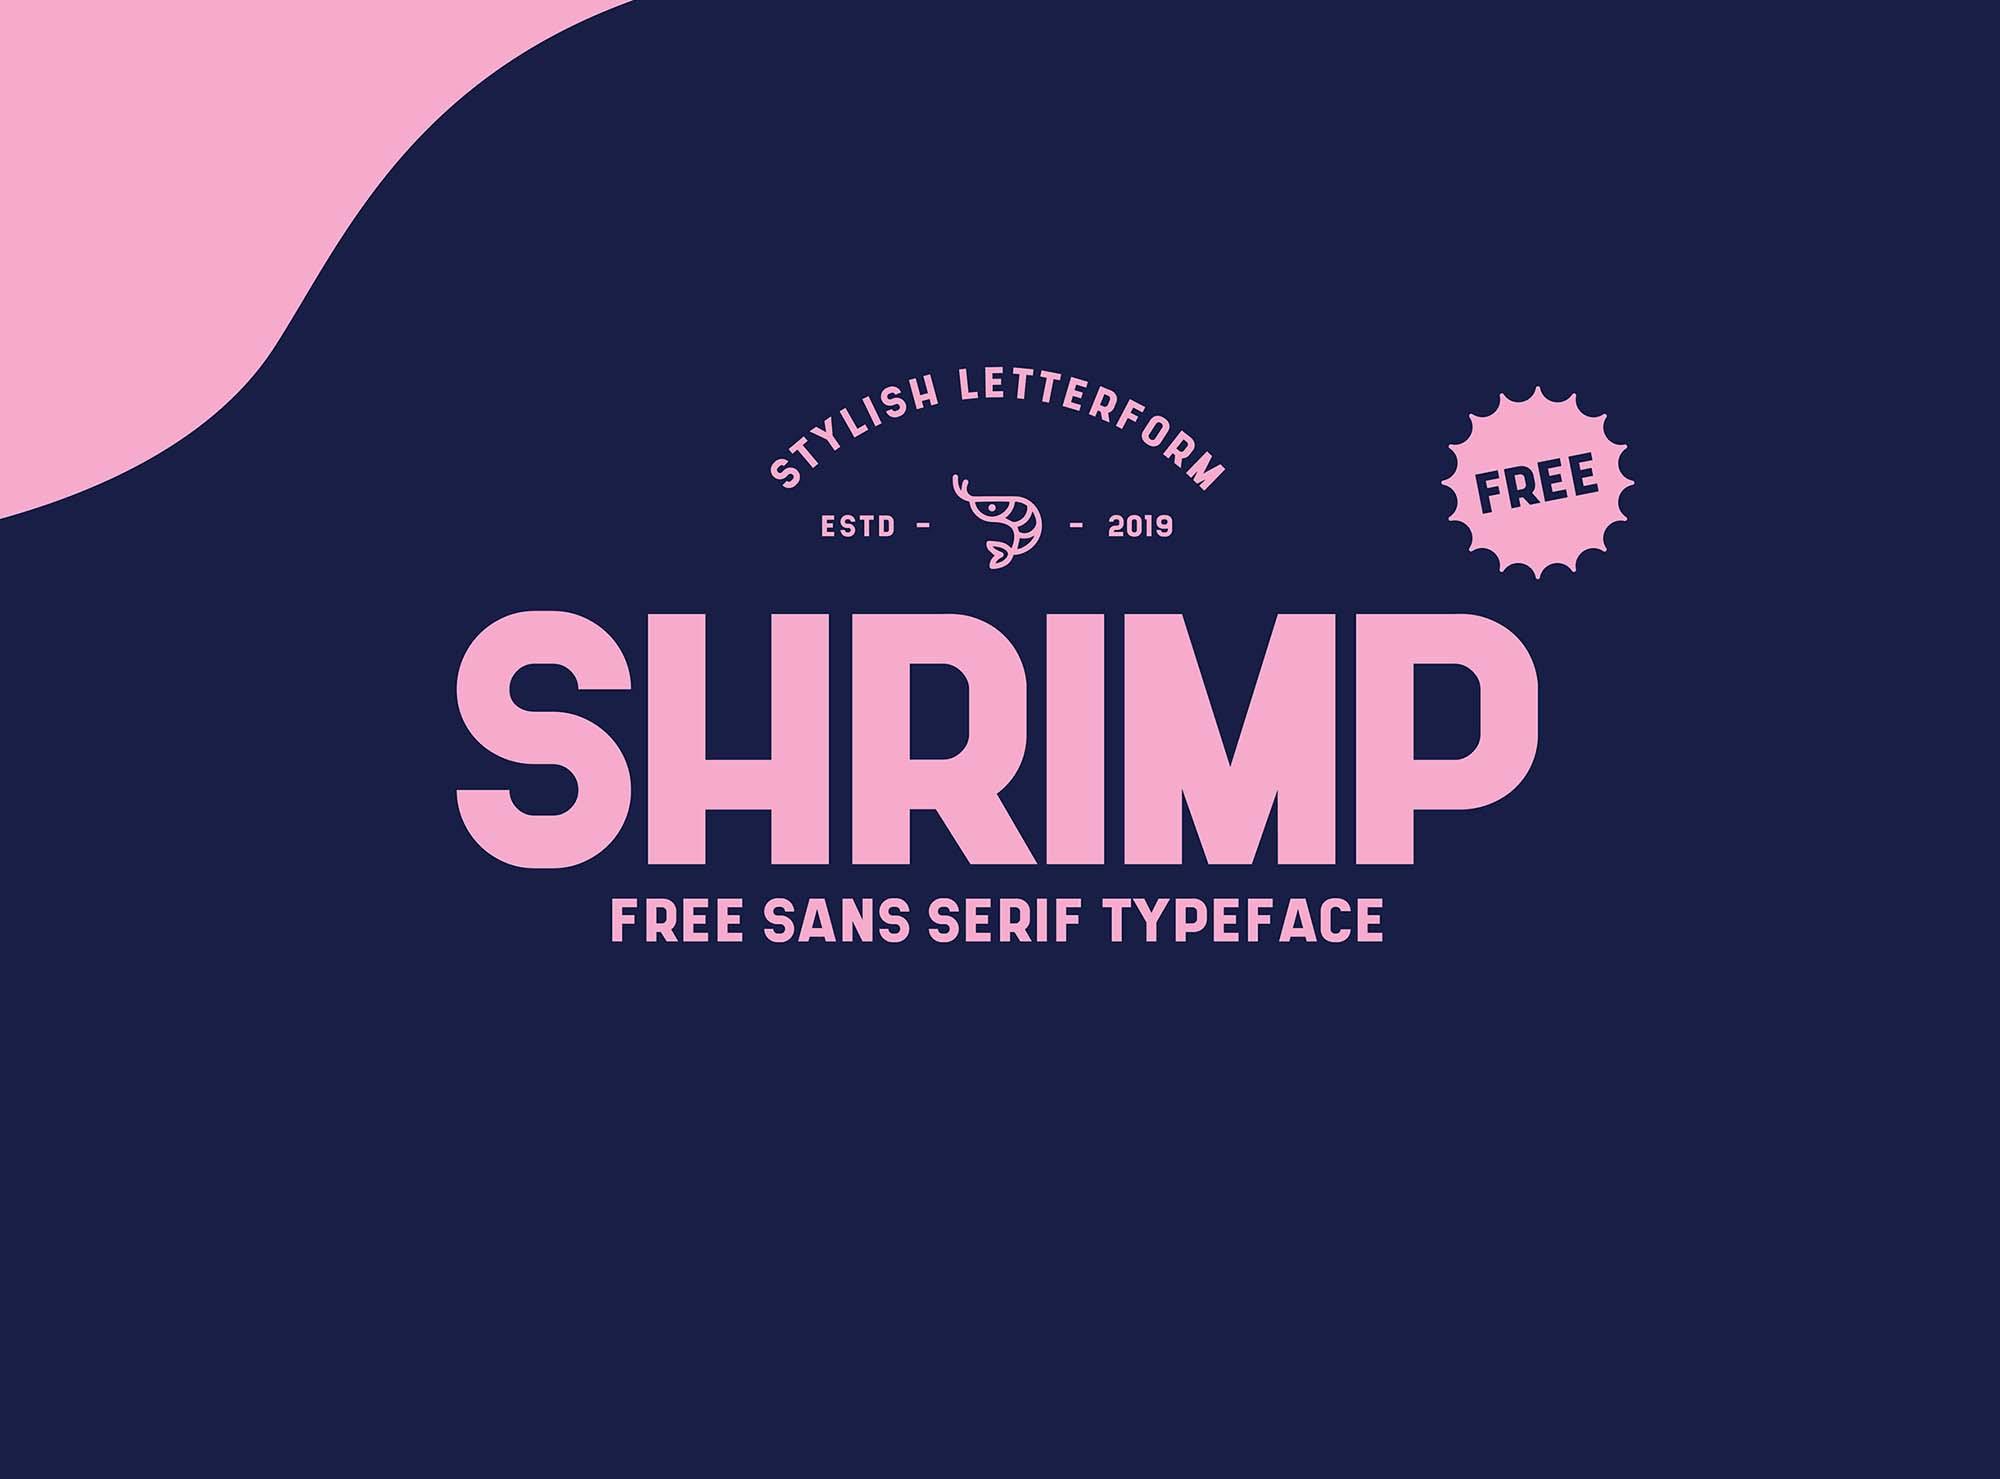 Shrimp Sans Serif Typeface